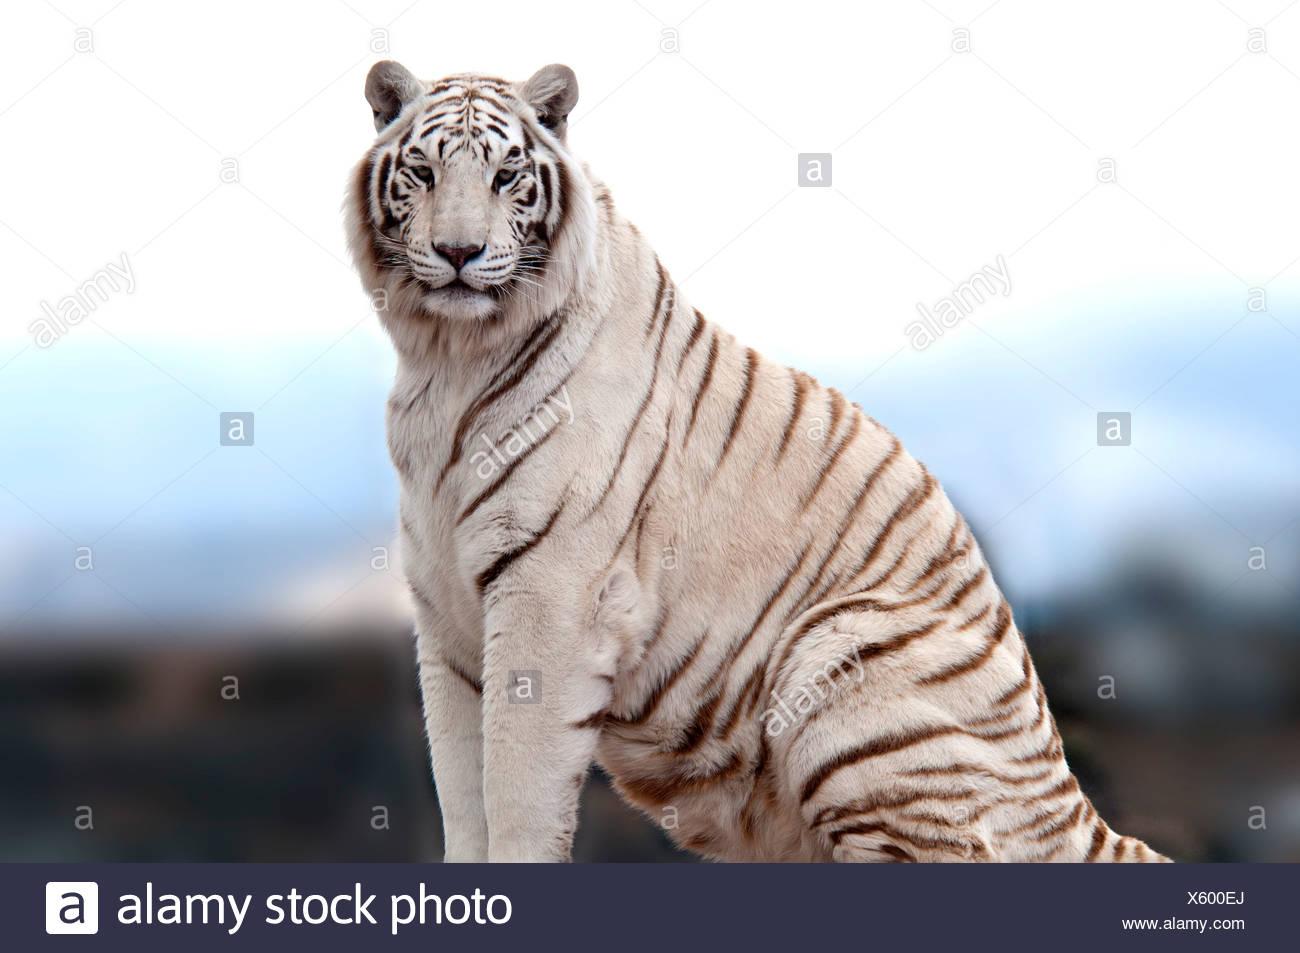 White Tiger Stock Photos & White Tiger Stock Images - Alamy